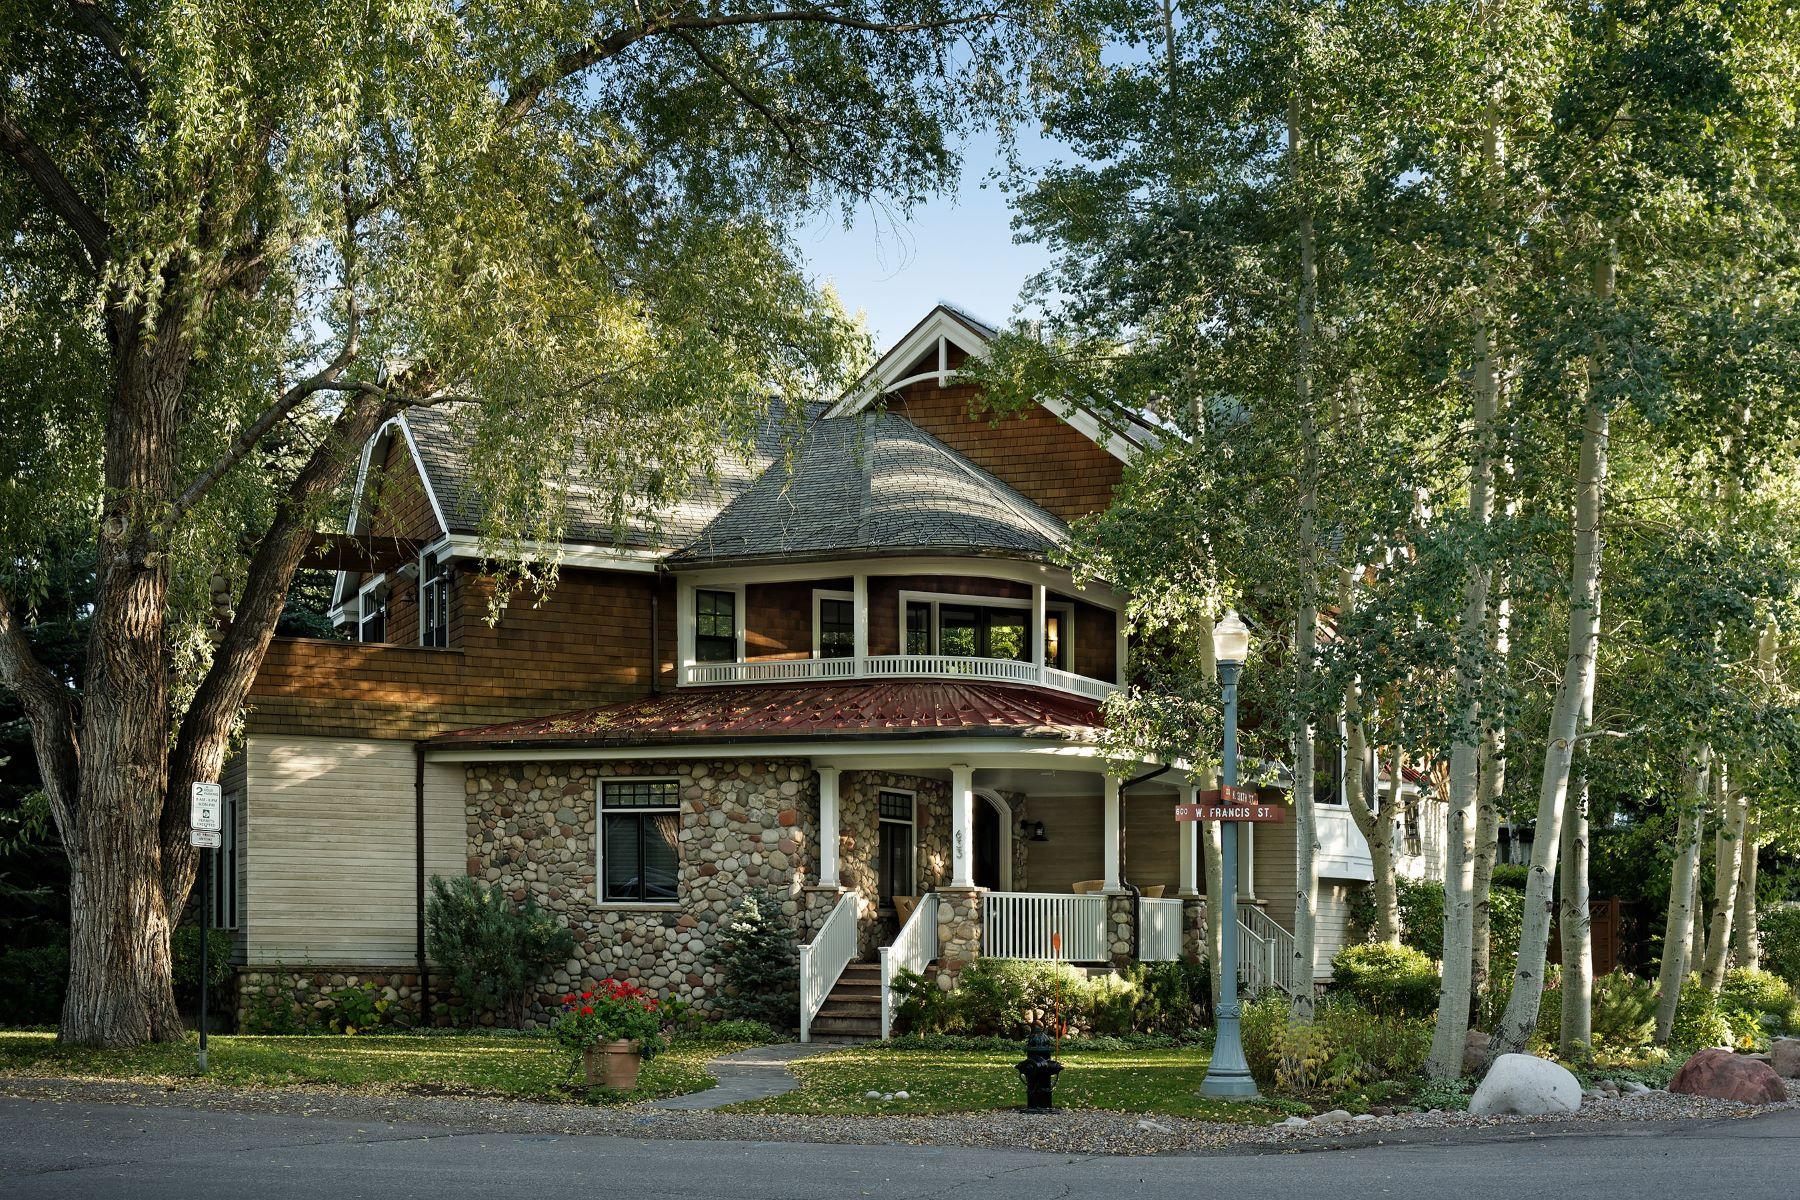 一戸建て のために 売買 アット Traditional meets contemporary 633 W Francis Street, West End, Aspen, コロラド, 81611 アメリカ合衆国